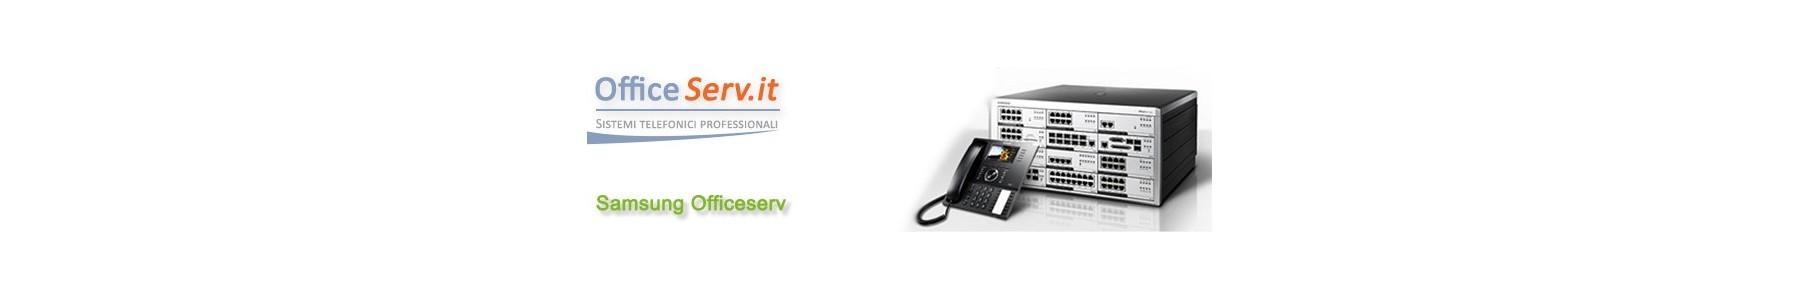 Samsung Officeserv